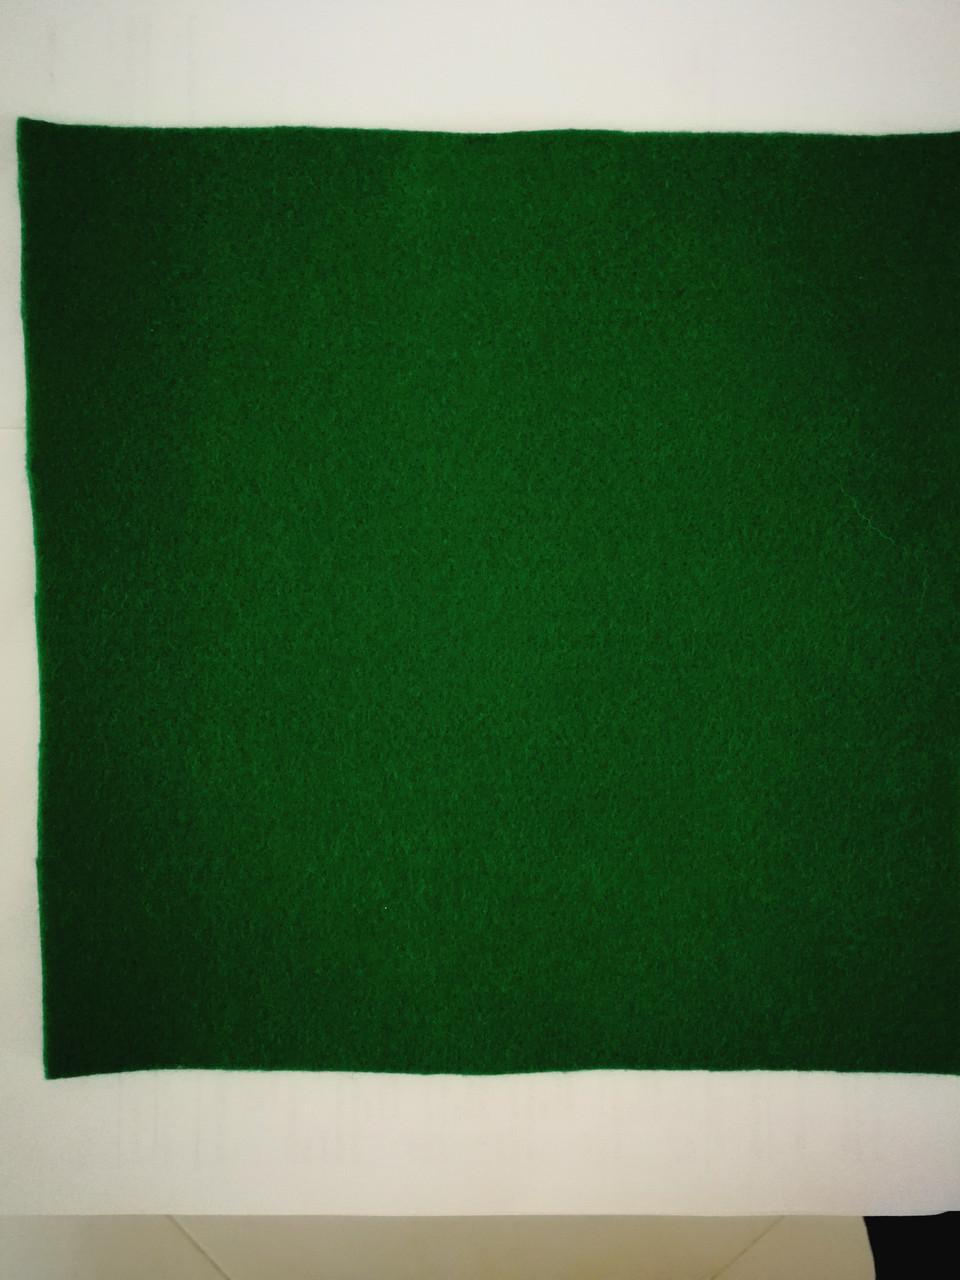 Фетр цвет темно - зеленый 25смХ25см однотонный, цвет зеленый бутылочный